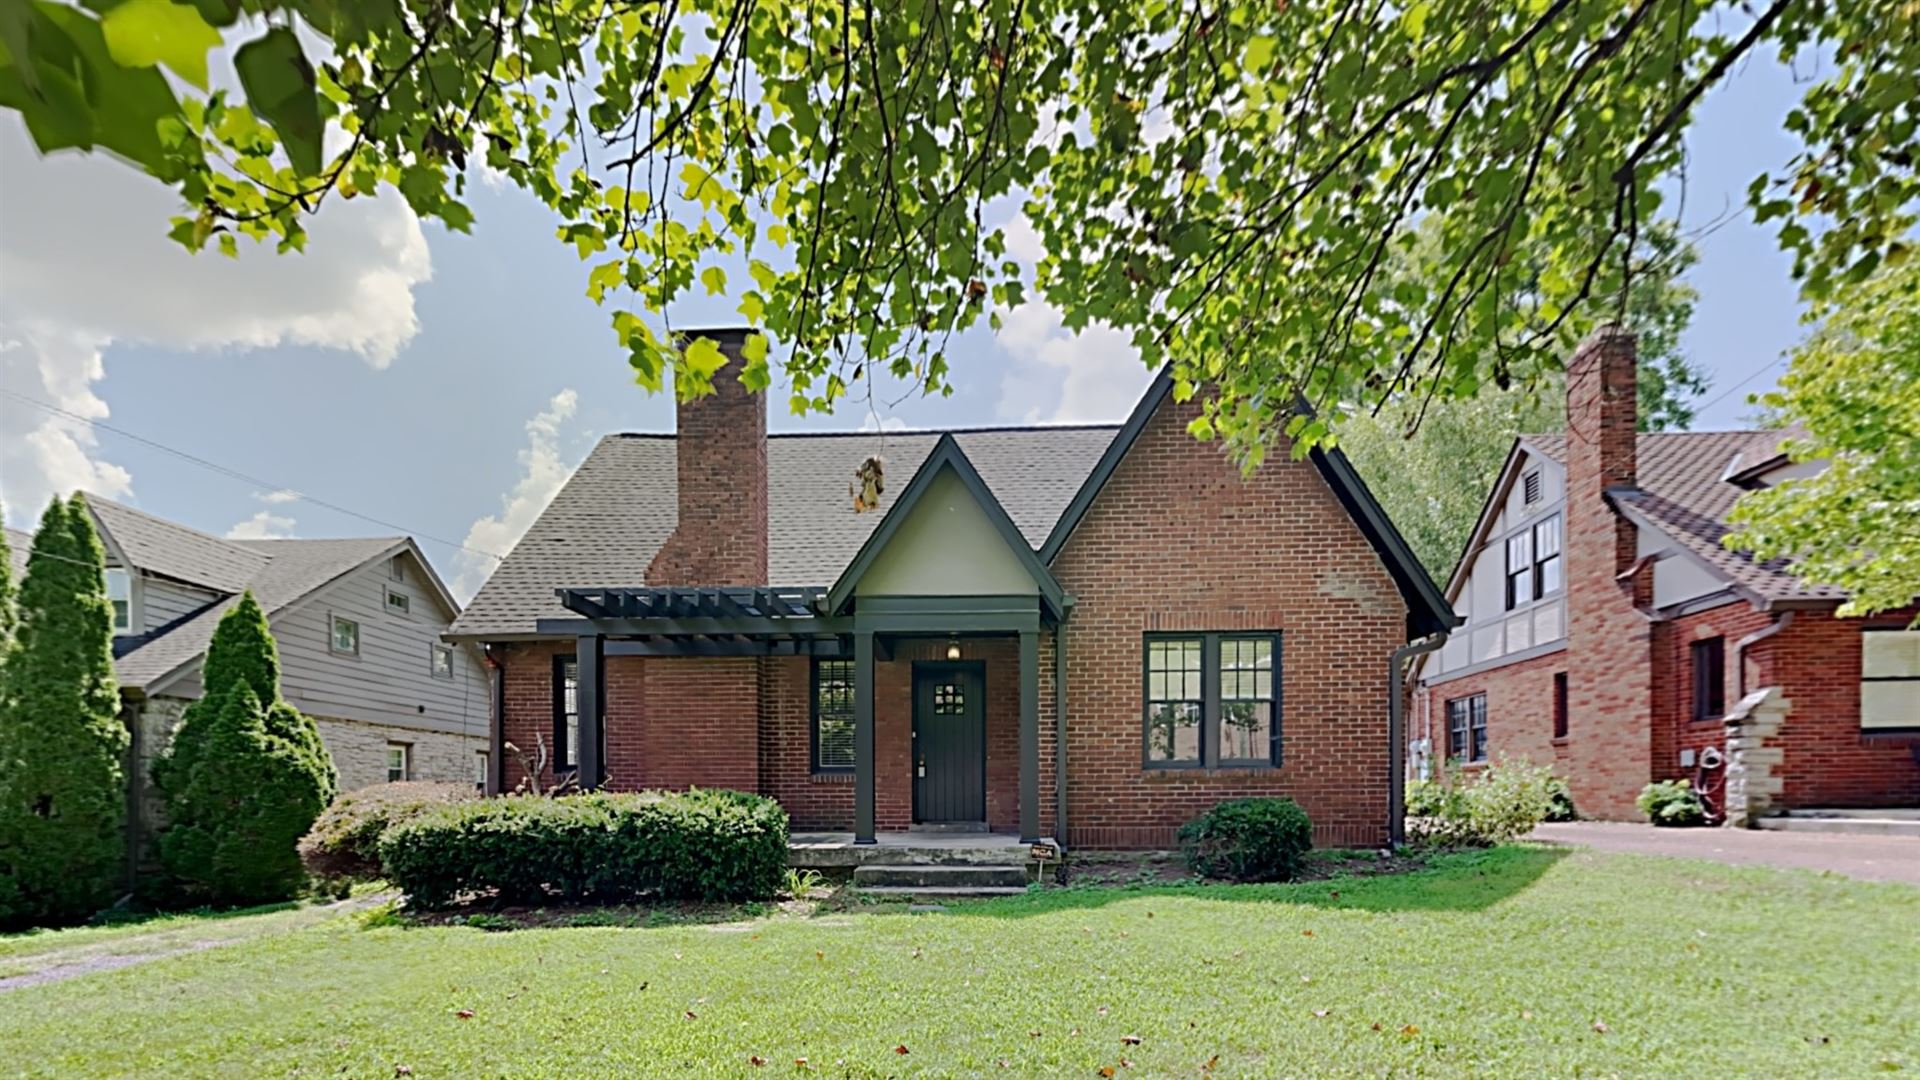 809 Hillview Hts, Nashville, TN 37204 - MLS#: 2286410